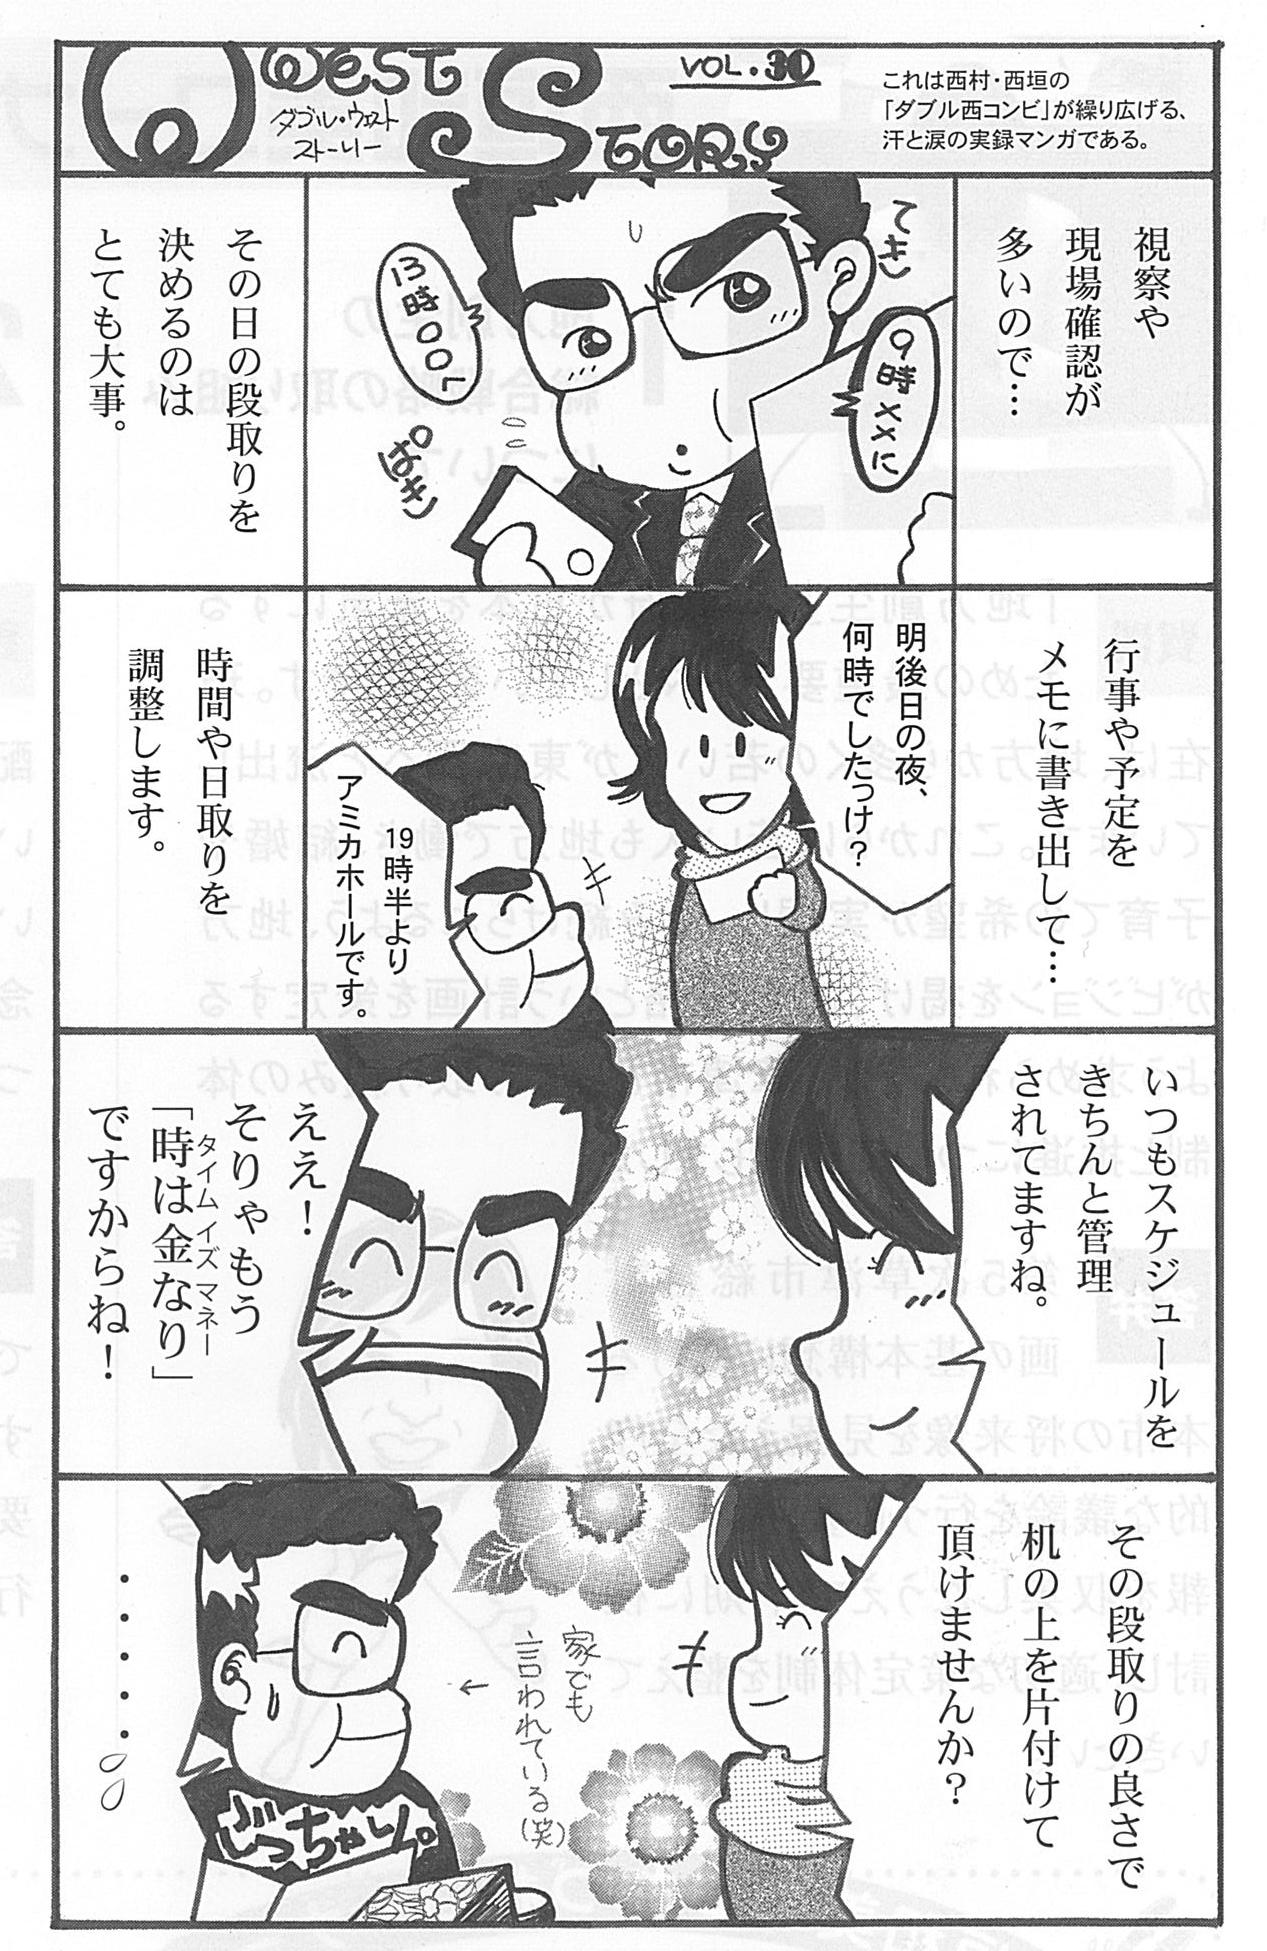 jitsuroku_vol30.jpg